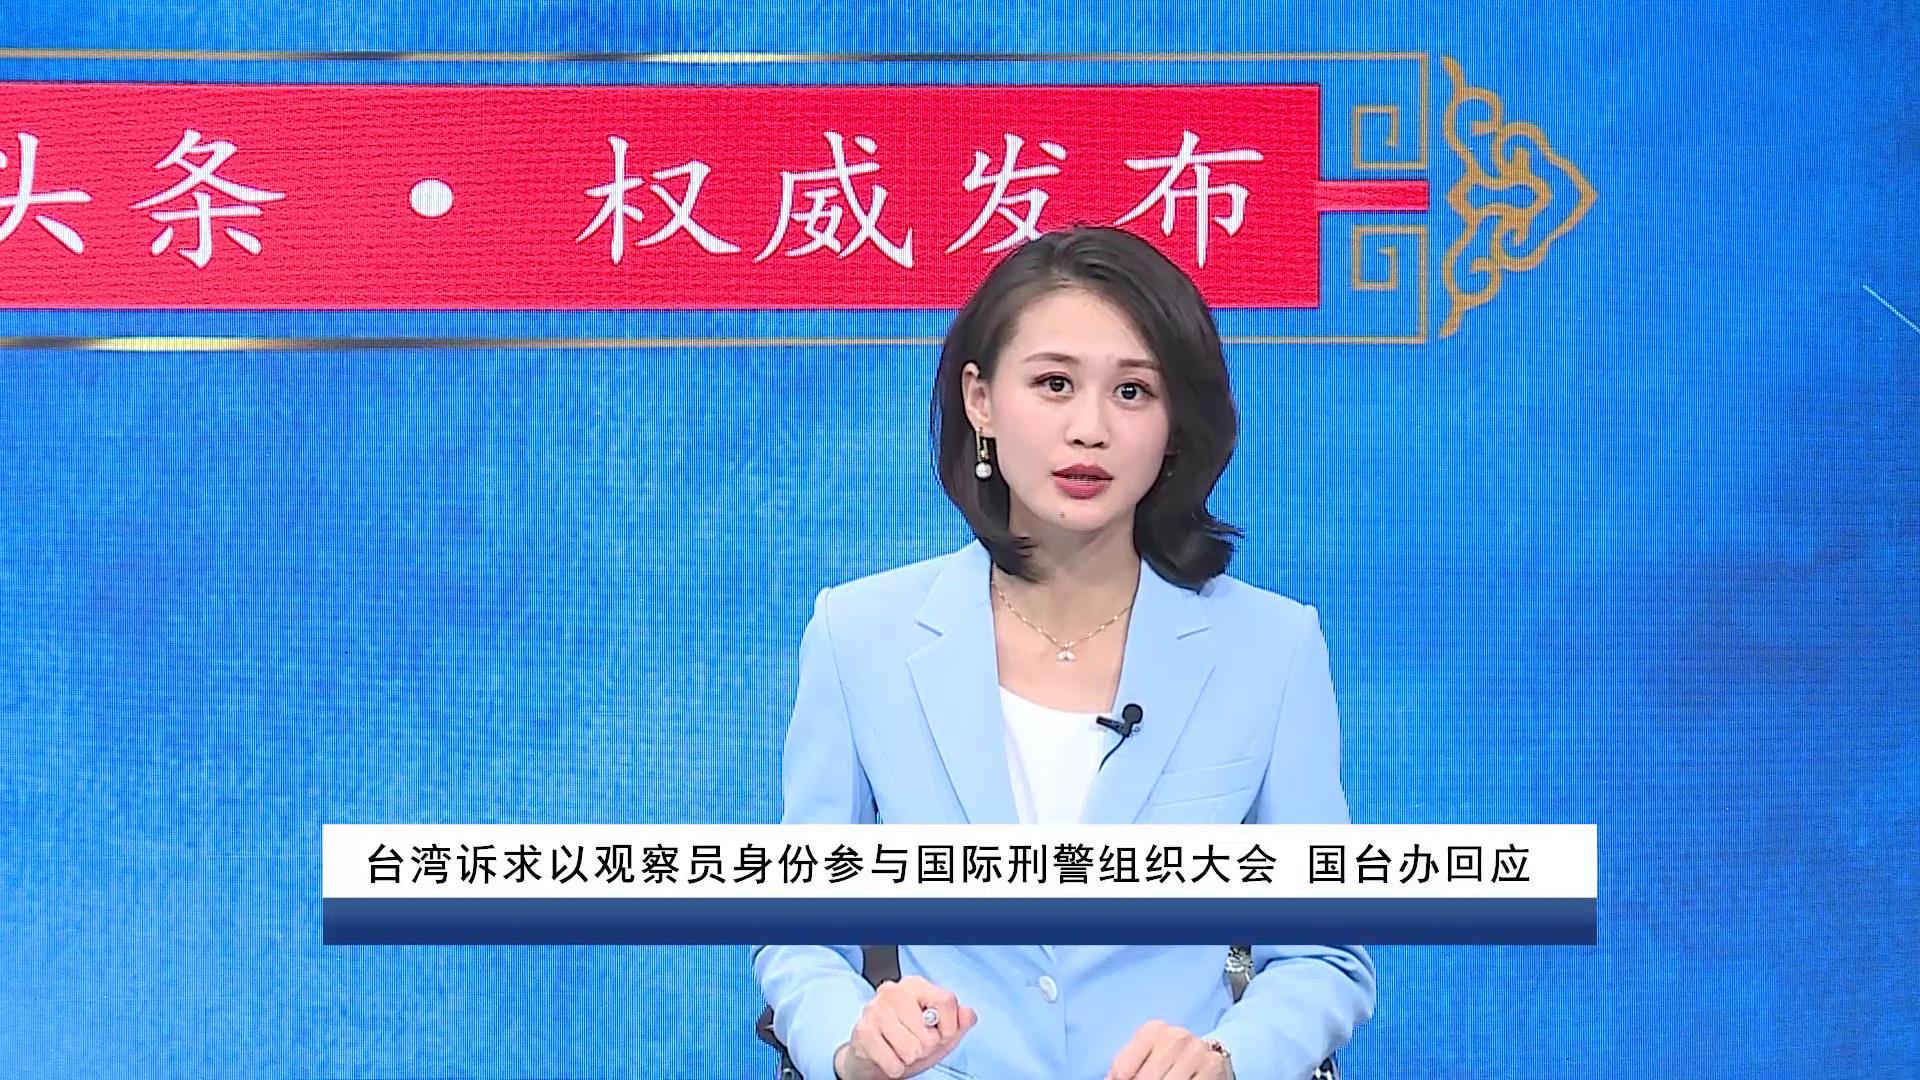 台湾诉求以观察员身份参与国际刑警组织大会 国台办回应图片